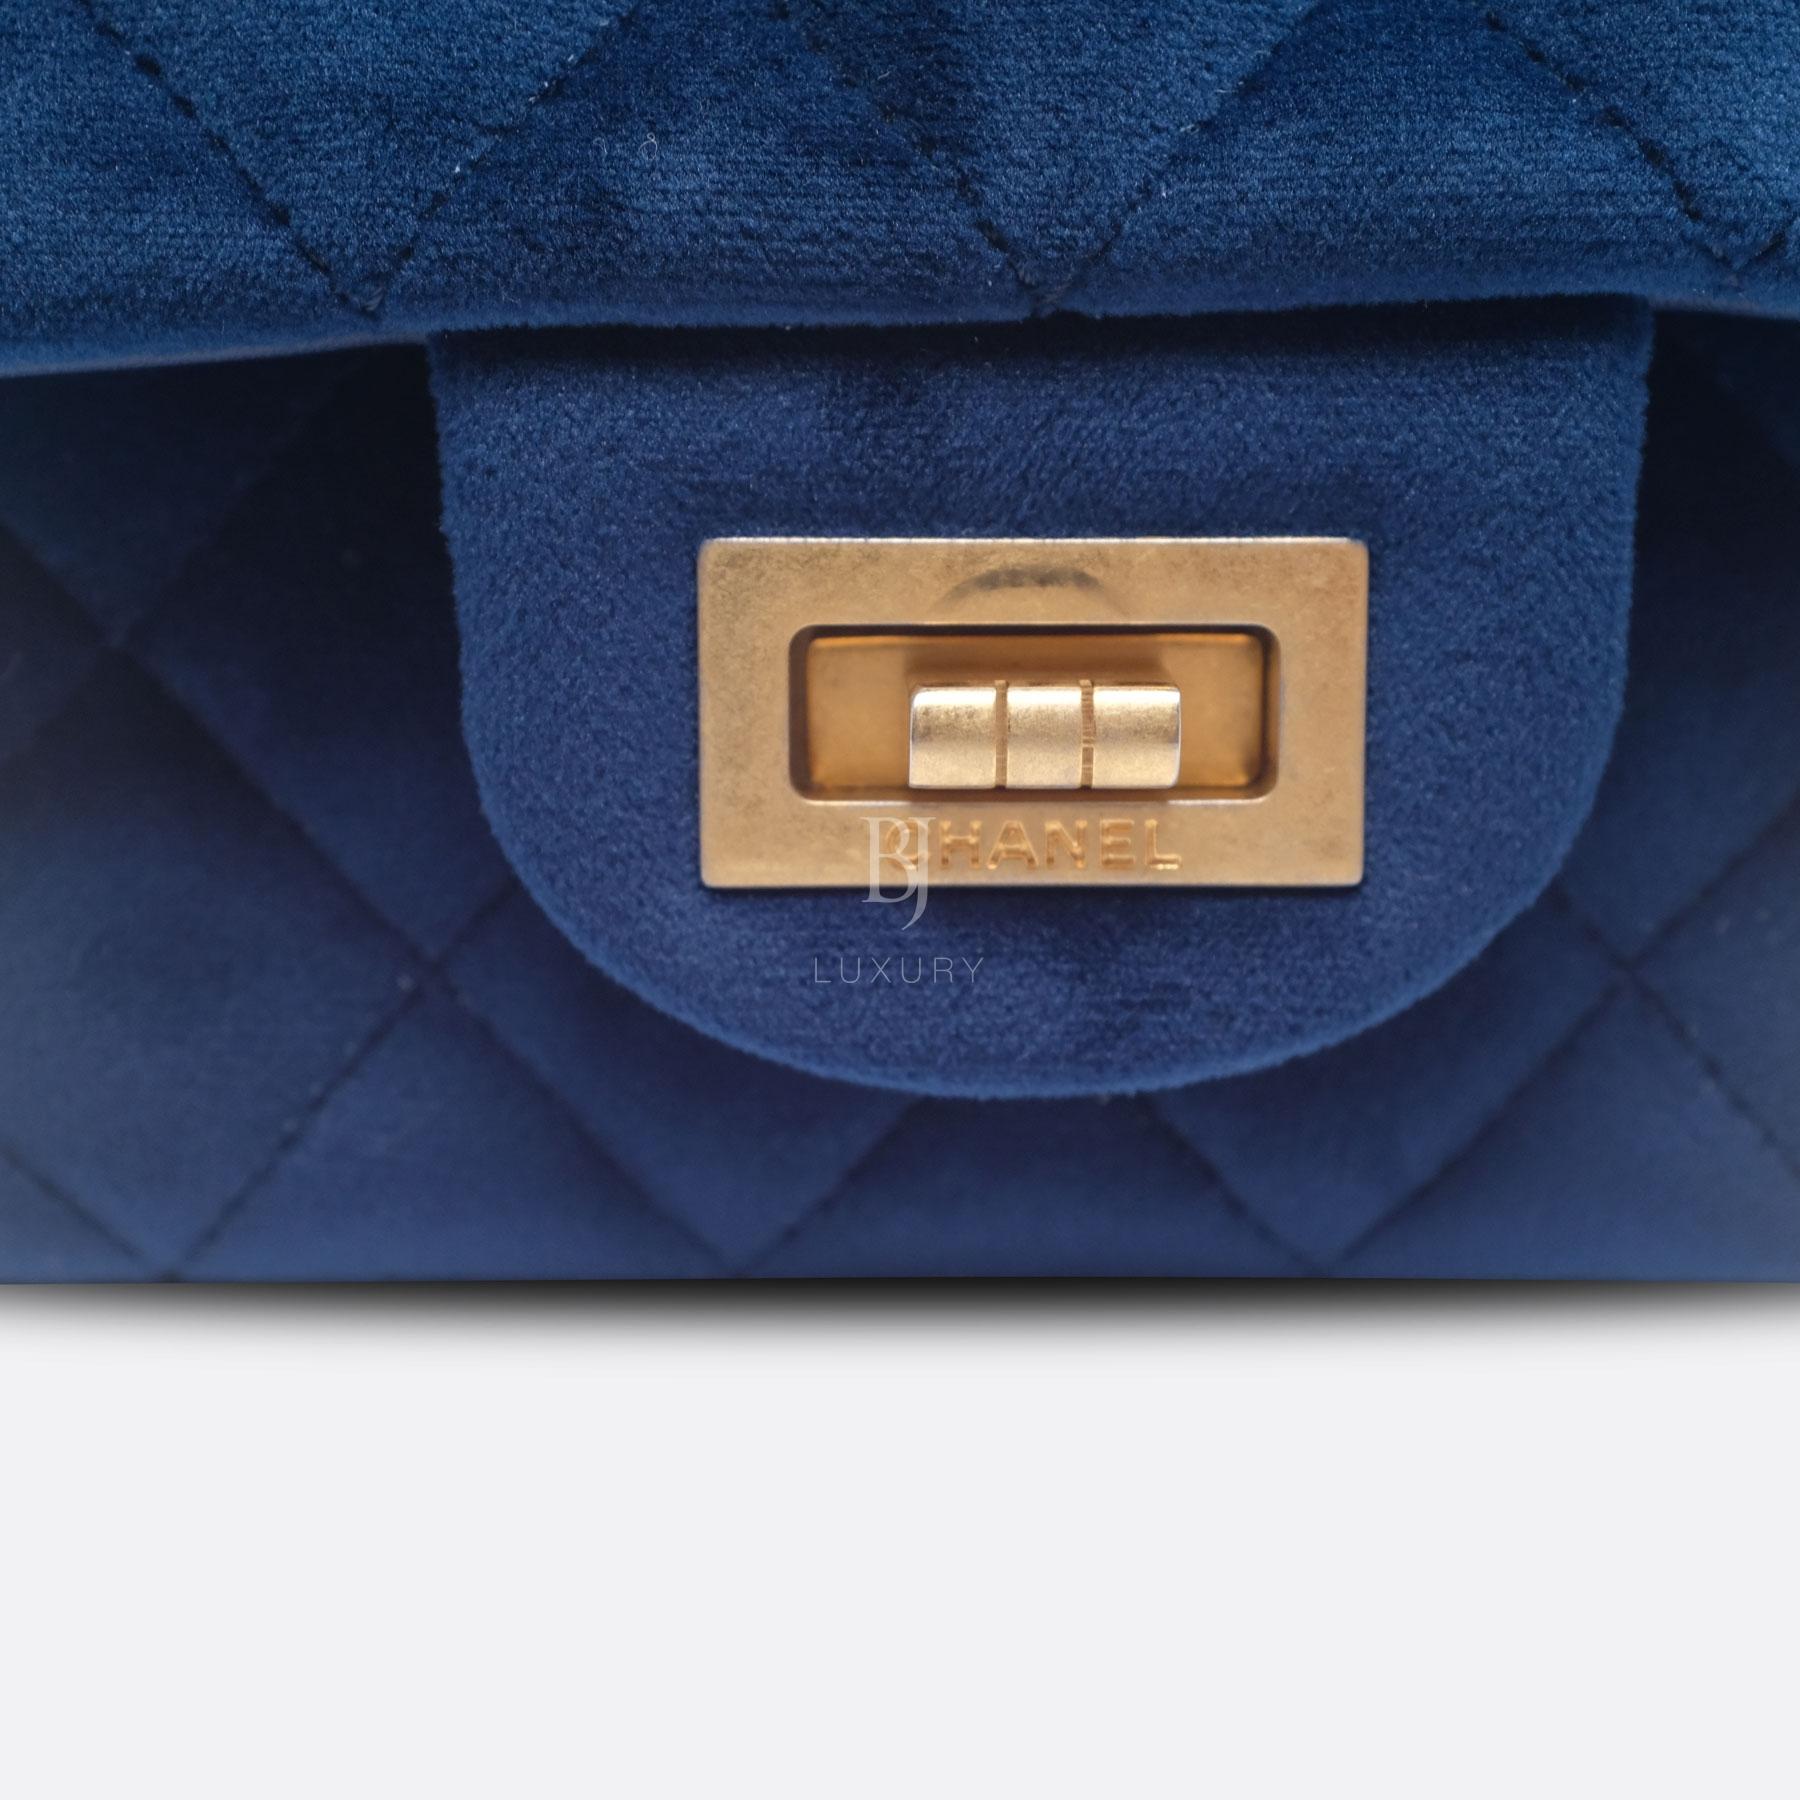 CHANEL-2.55-MINI-BLUE-VELVET-DSCF8700.jpg